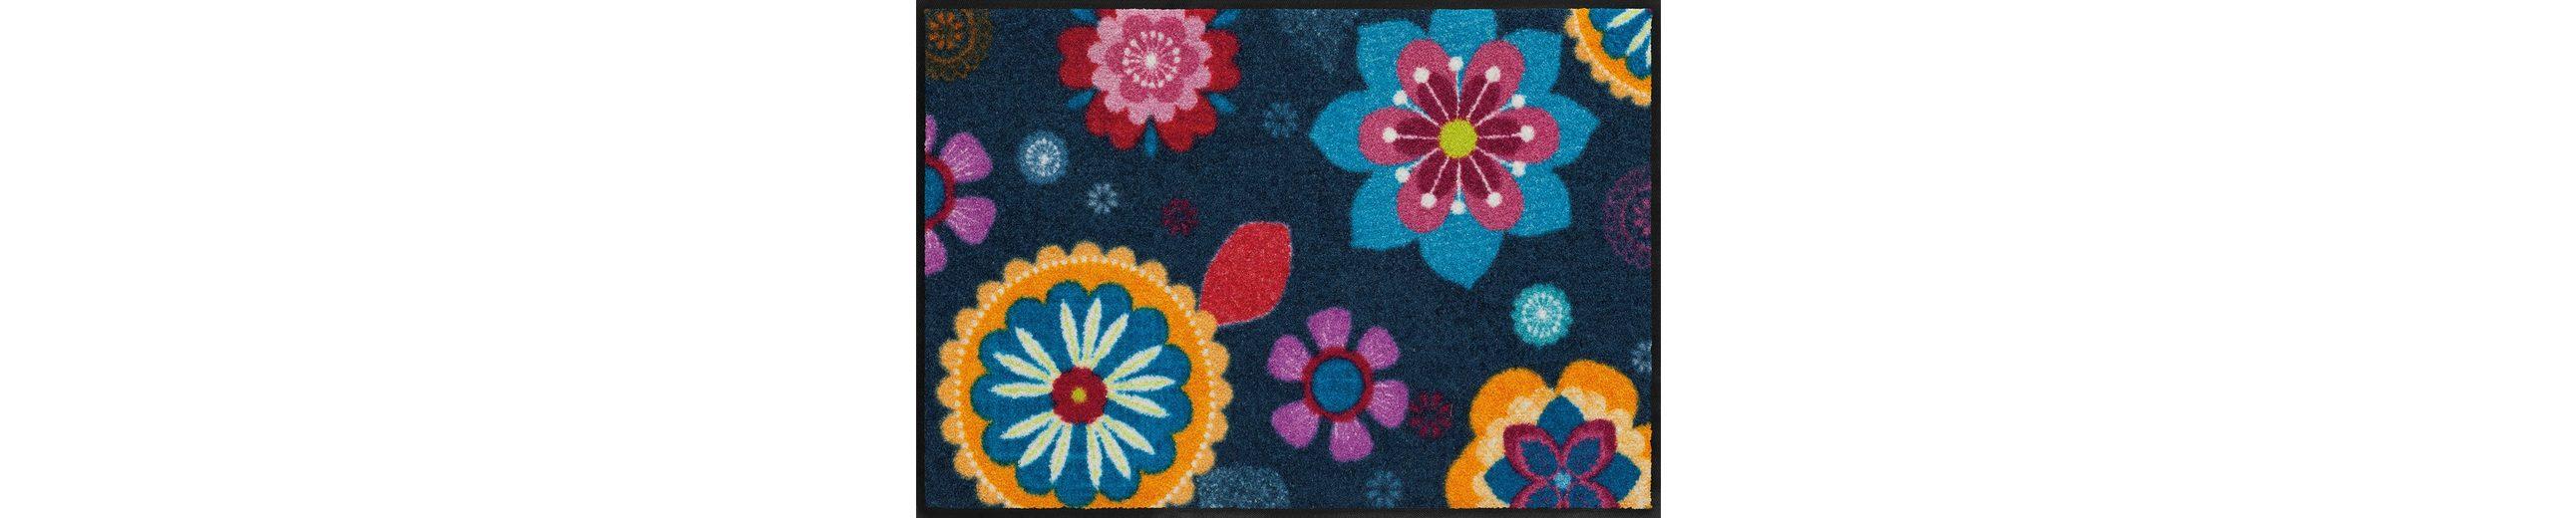 Fußmatte, Salonloewe, »Boehemian Flower«, waschbar, In- und Outdoor mit rutschhemmender Beschichtung